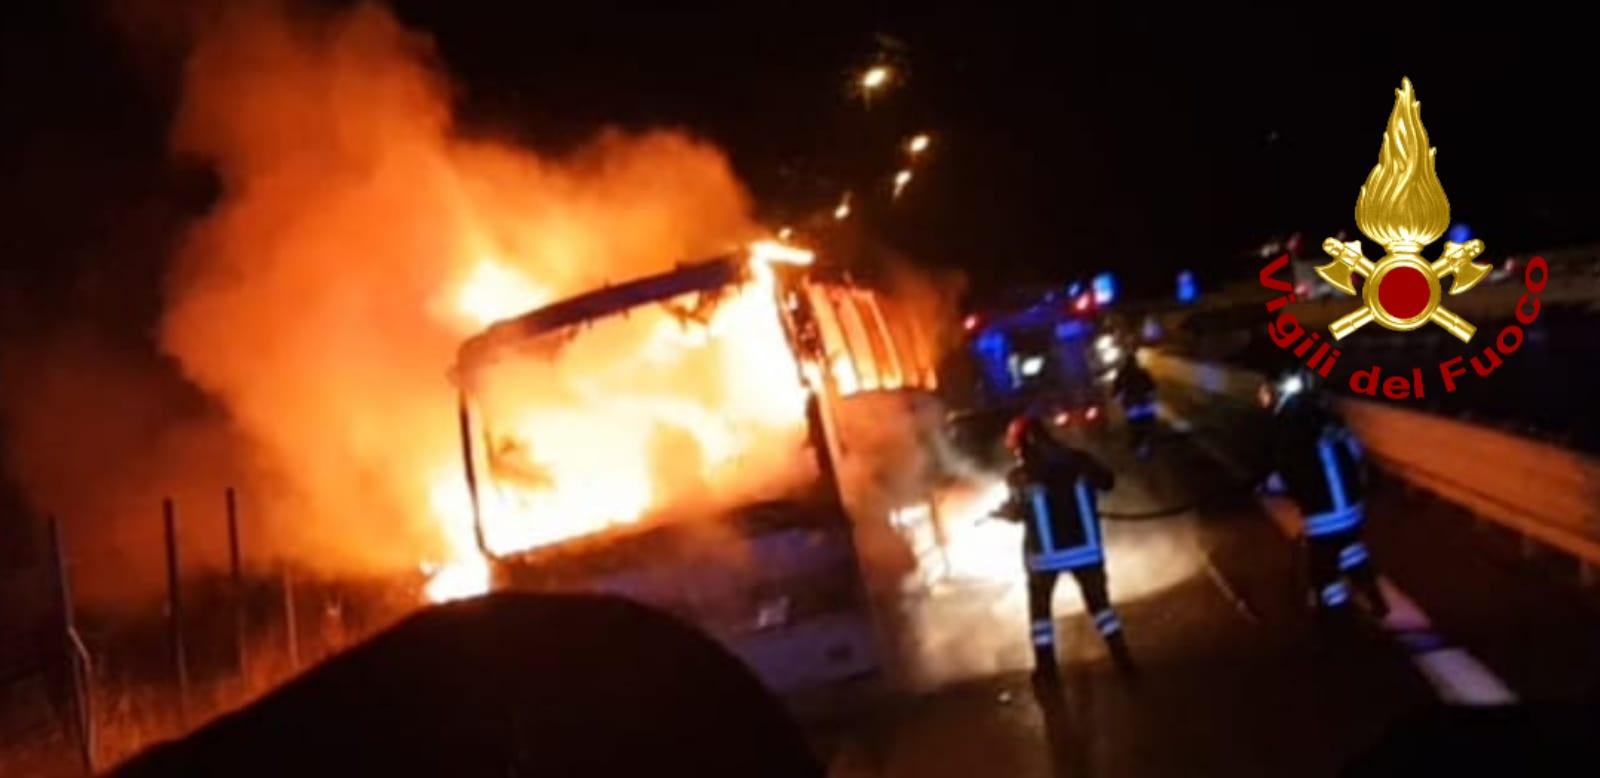 Vallata| Pullman carico di pellegrini in fiamme sull'A16, paura per i passeggeri